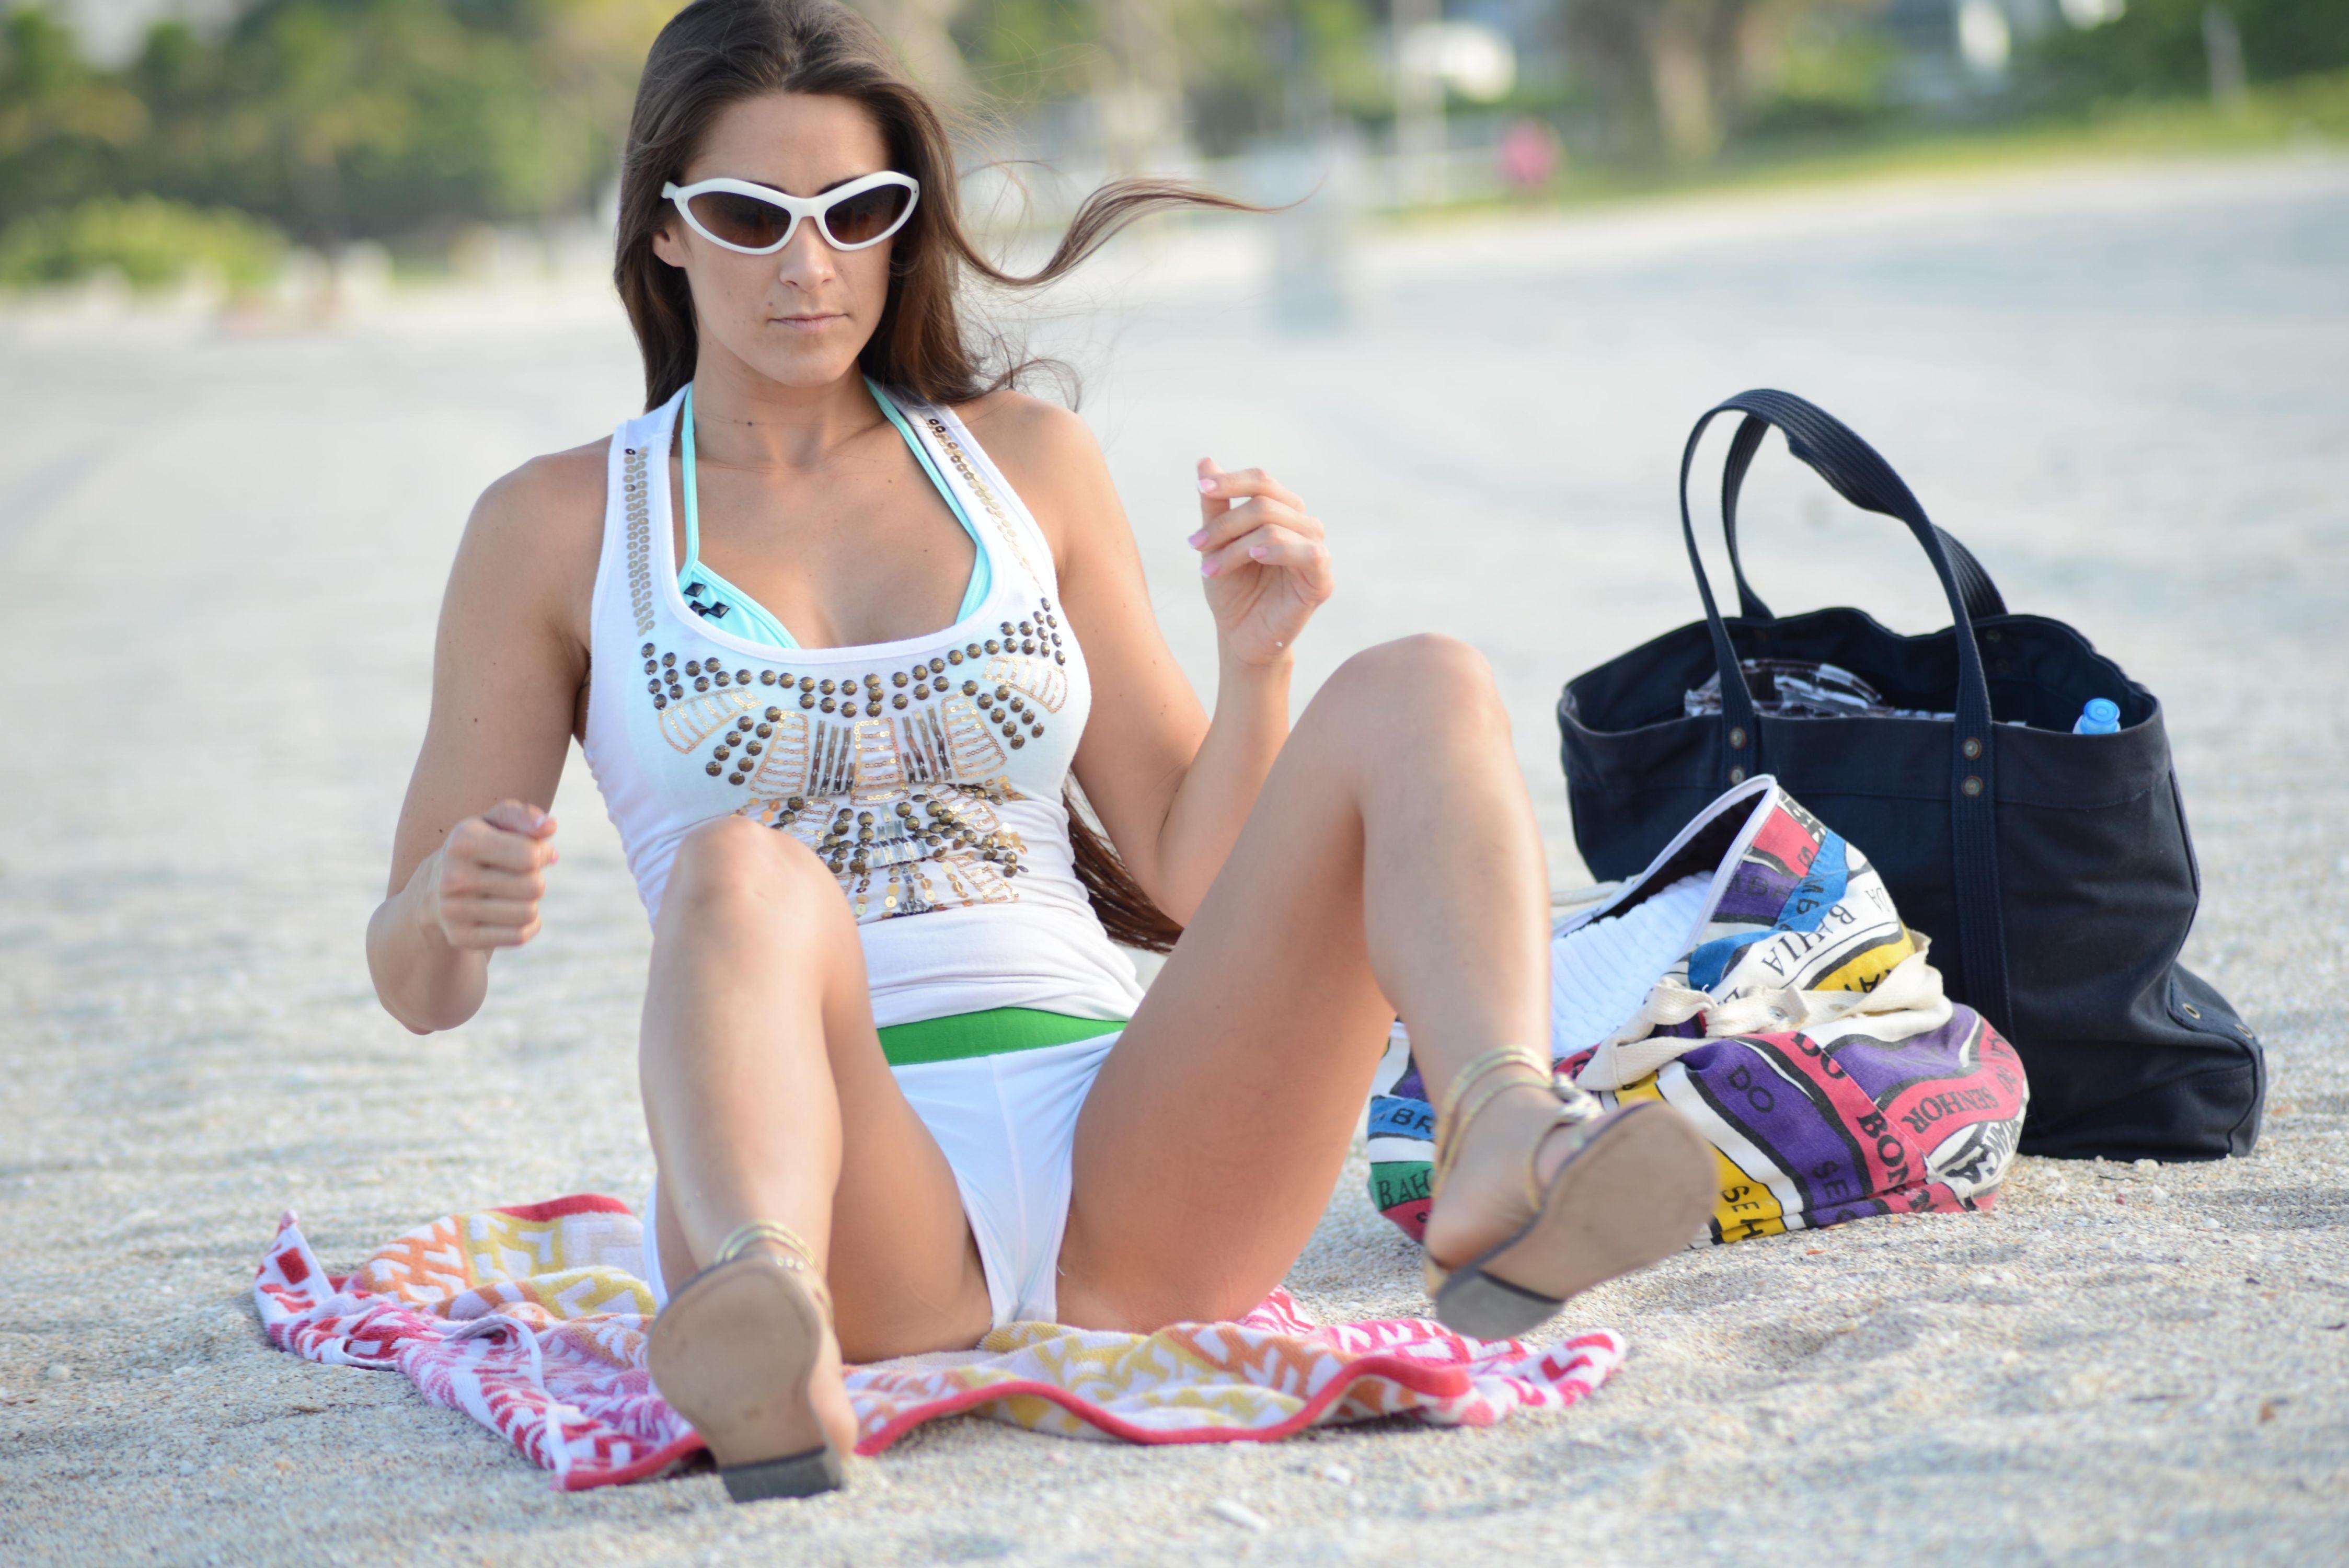 Indian bikini panty crotch on beach hijab porn